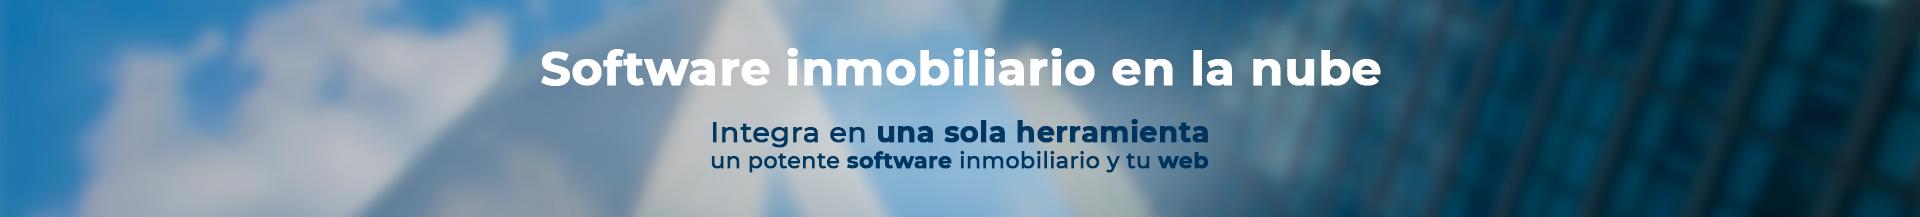 Software inmobiliario en la nube